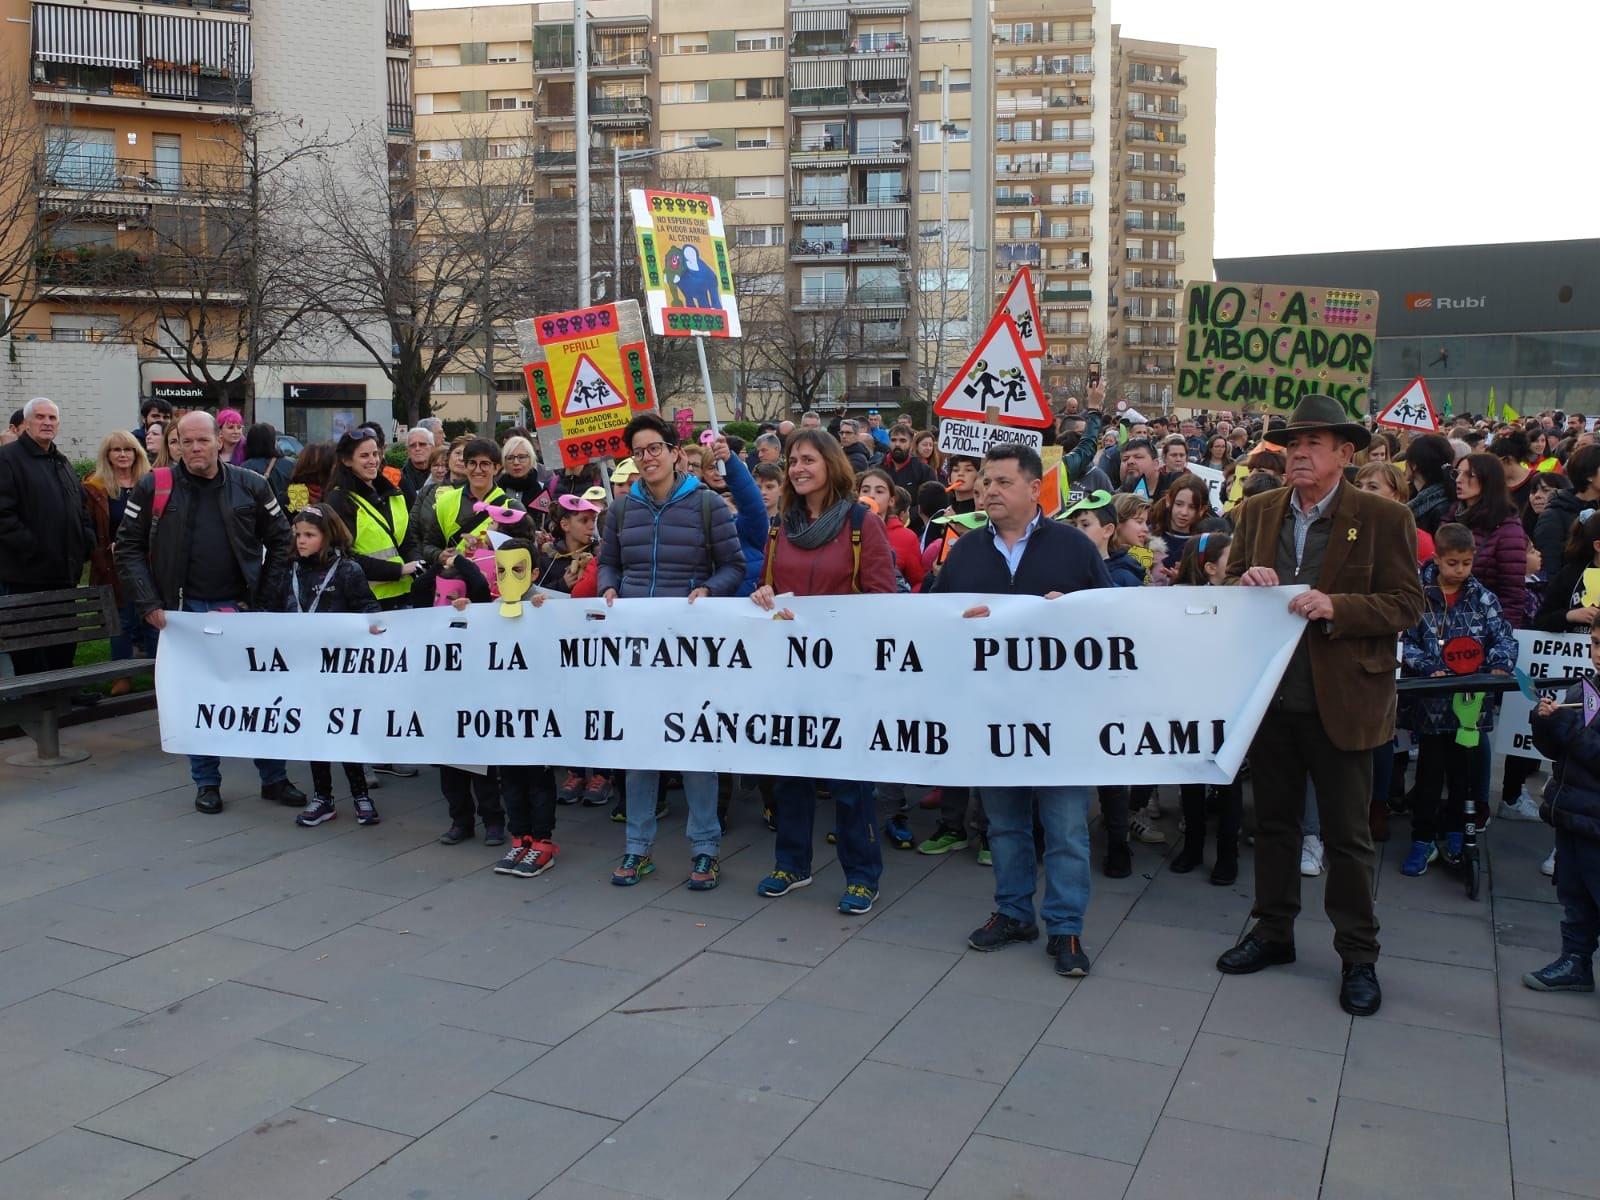 Rubí no vol ser la ciutat amb més abocadors de Catalunya